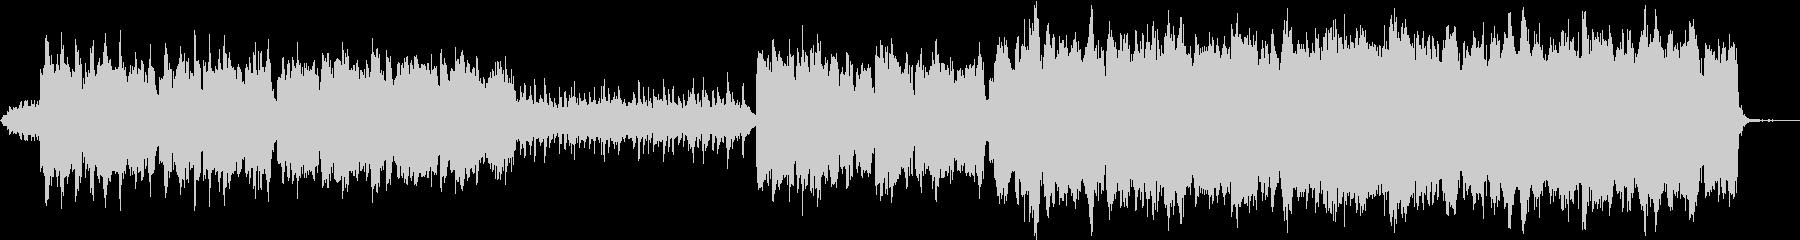 ケルトの笛で「グリーンスリーブス」の未再生の波形